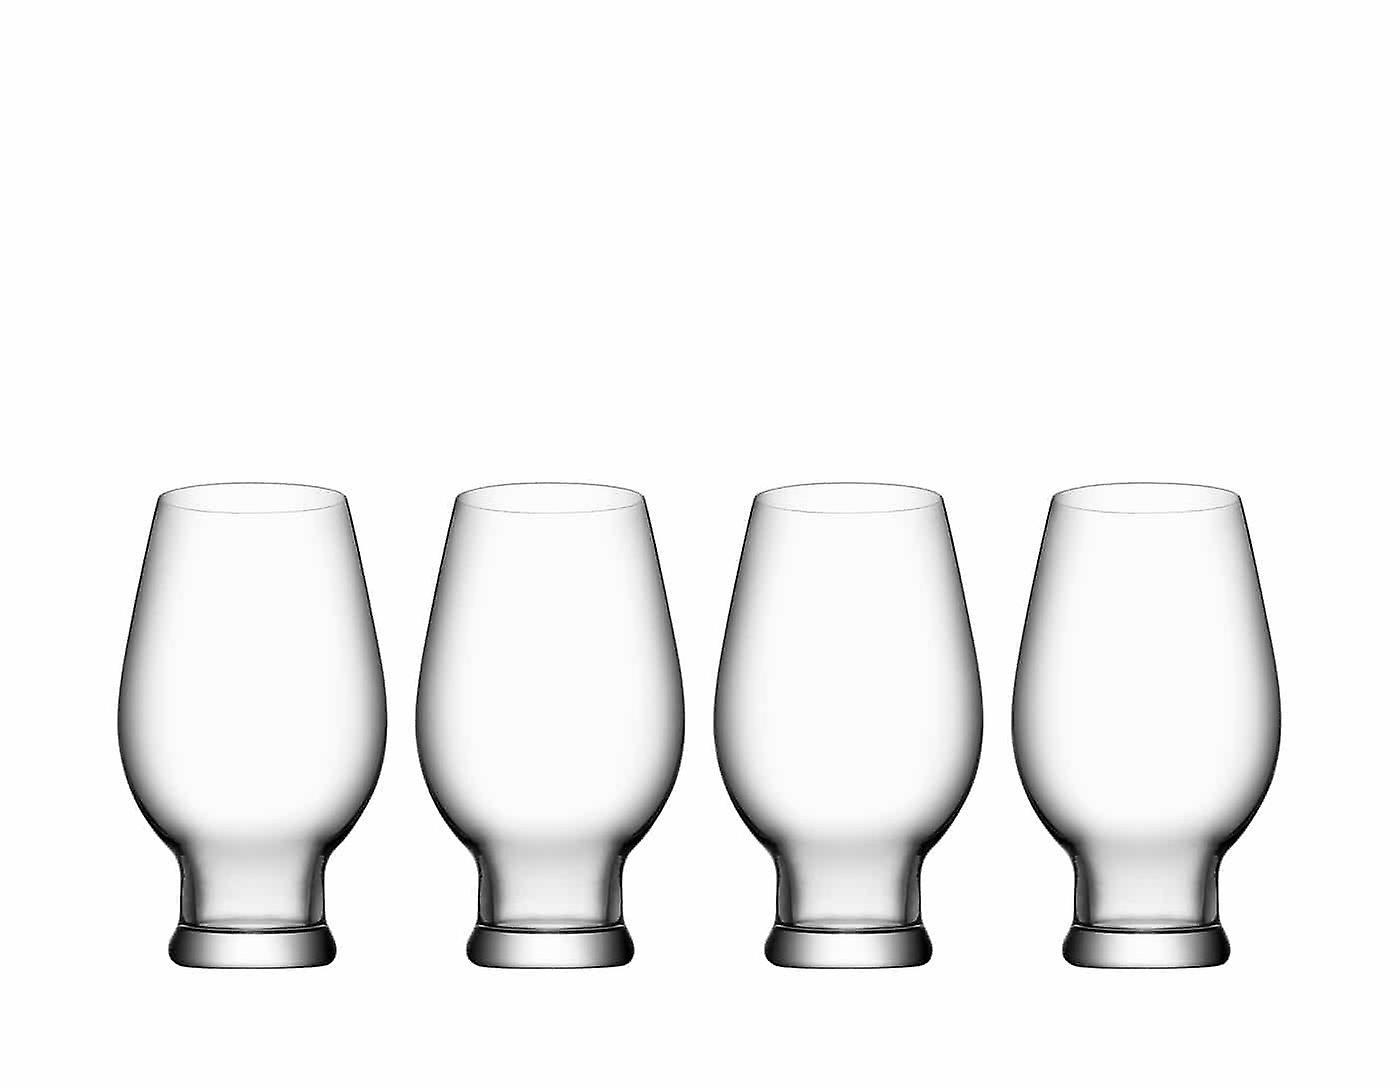 Orrefors-Beer-IPA-4th-Beer glass Design Erika Lagerbielke